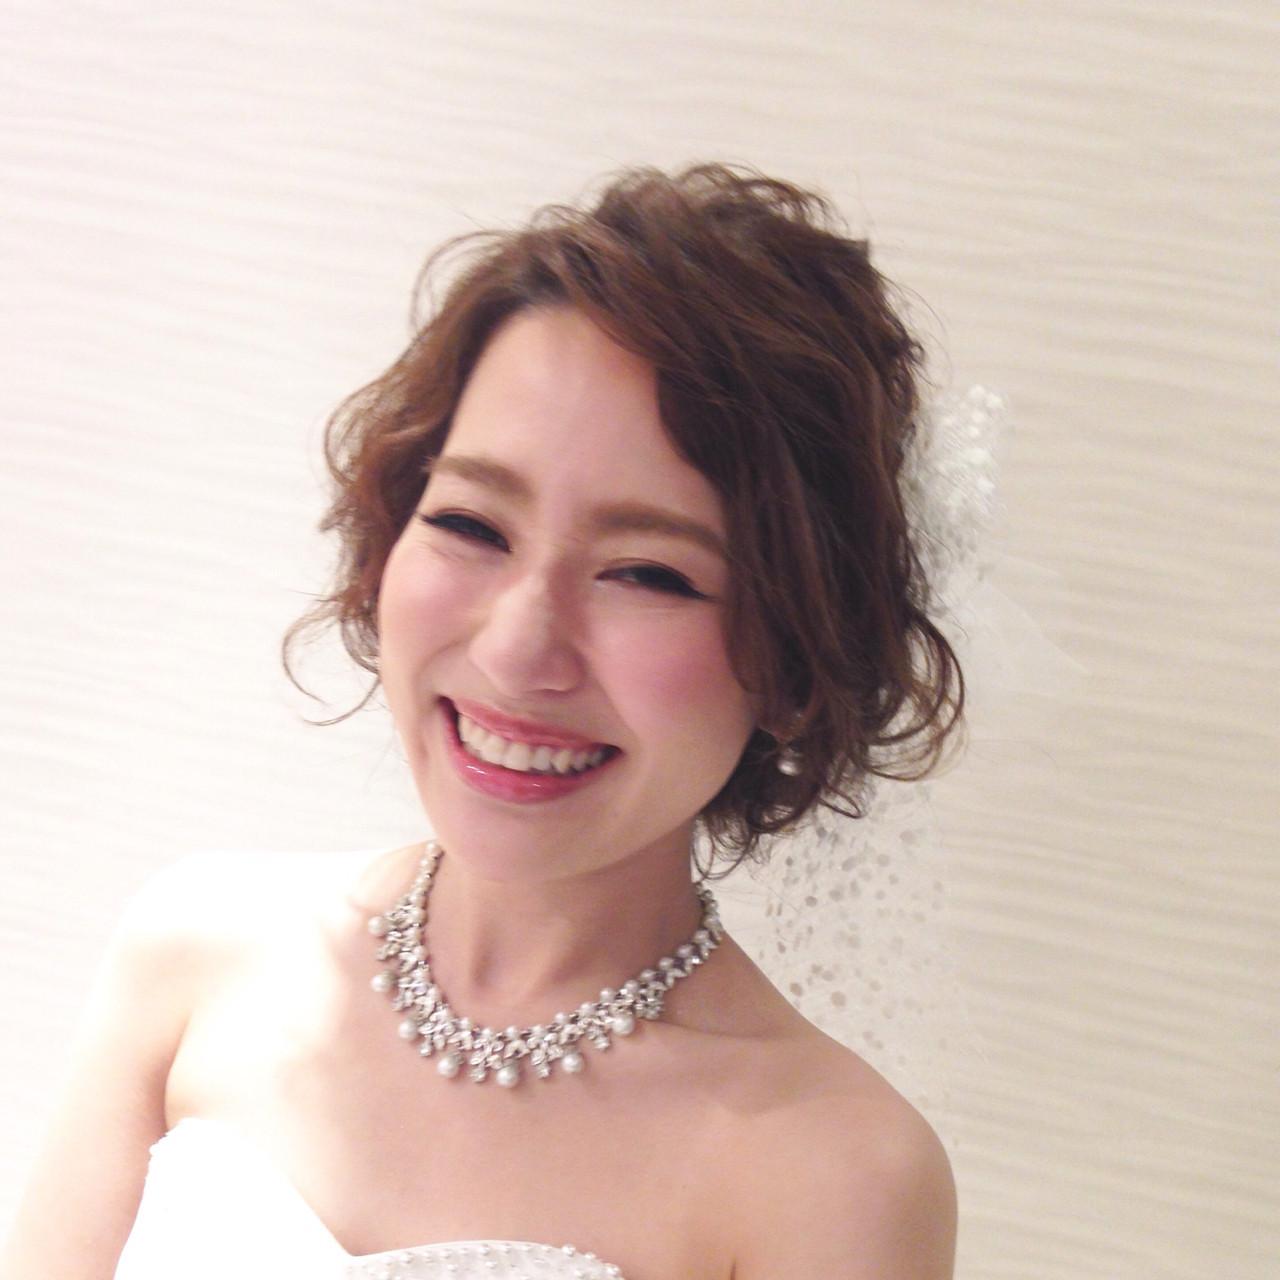 理想の結婚式を叶える♡なりたいイメージ別ウエディングヘアカタログ 稲垣 嘉乃